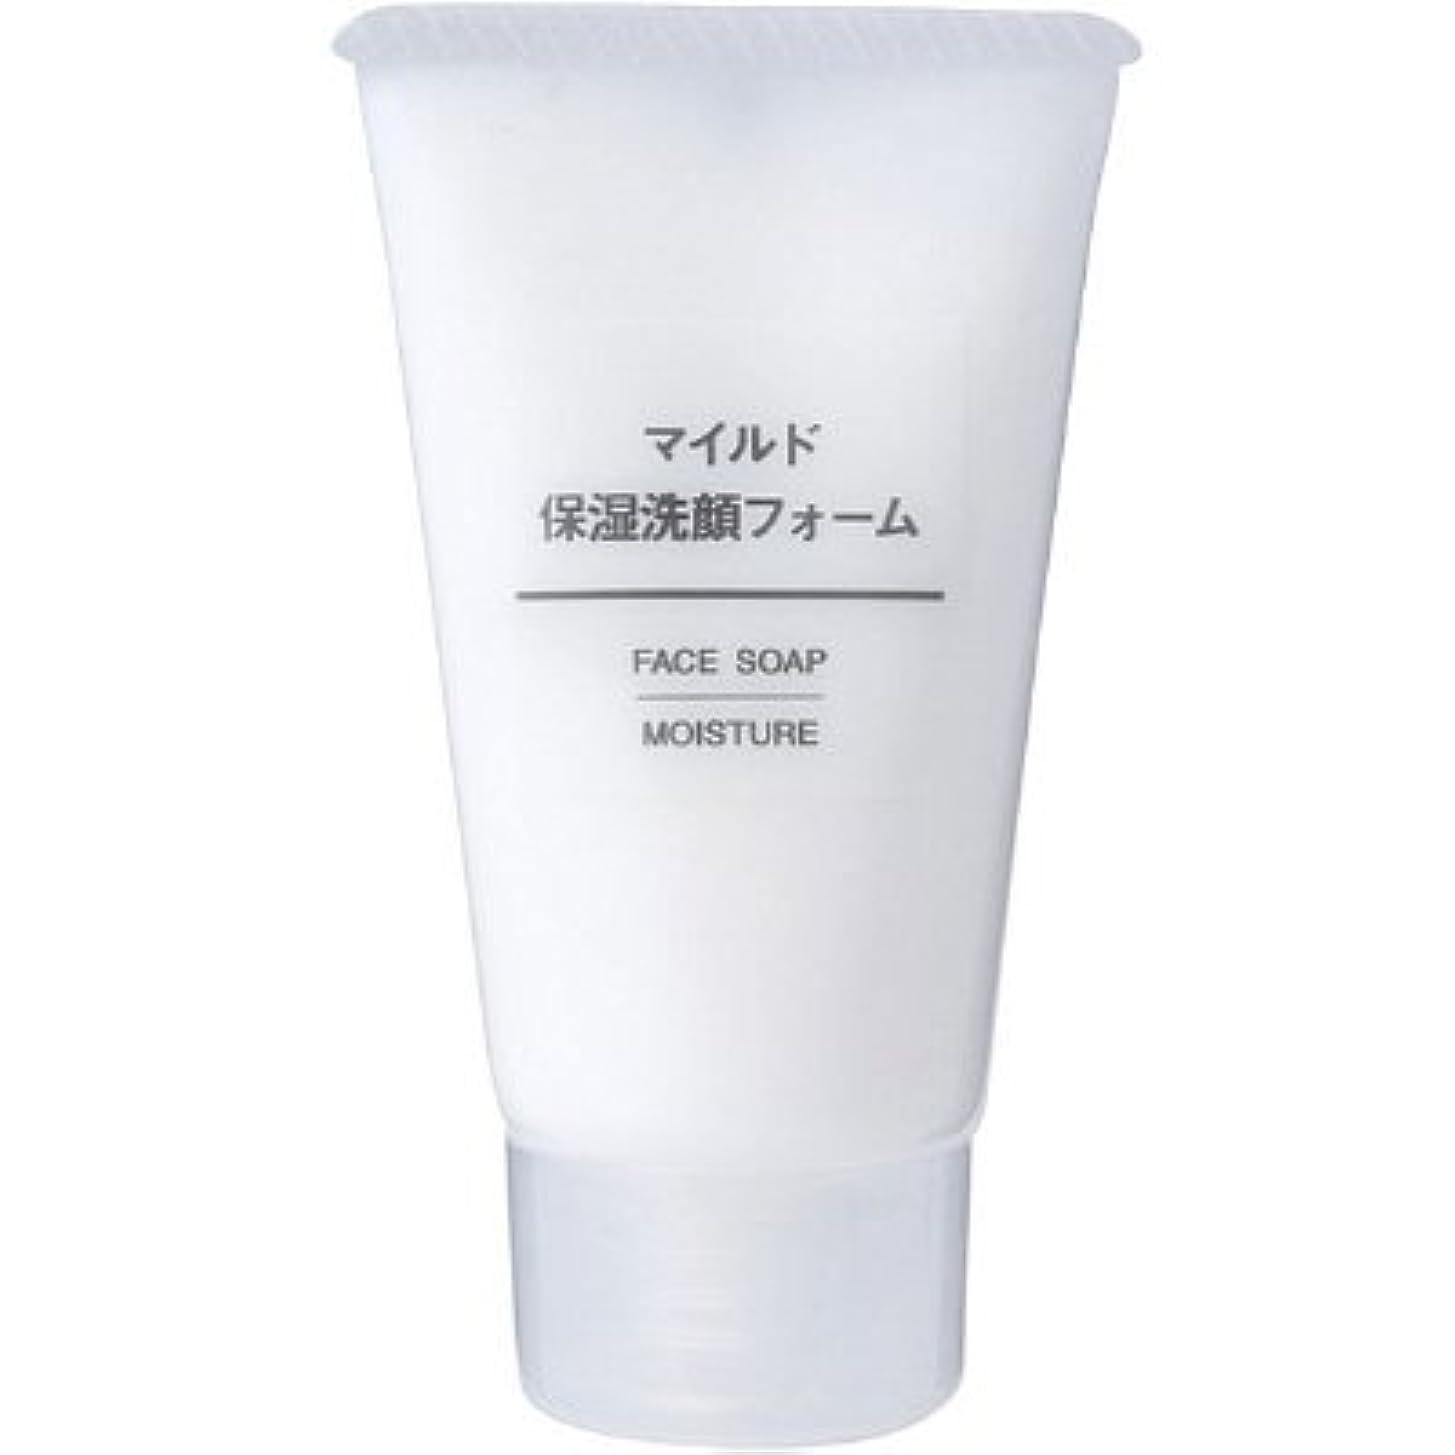 フィッティング甘美な特定のマイルド保湿洗顔フォーム(携帯用) 30g 無印良品